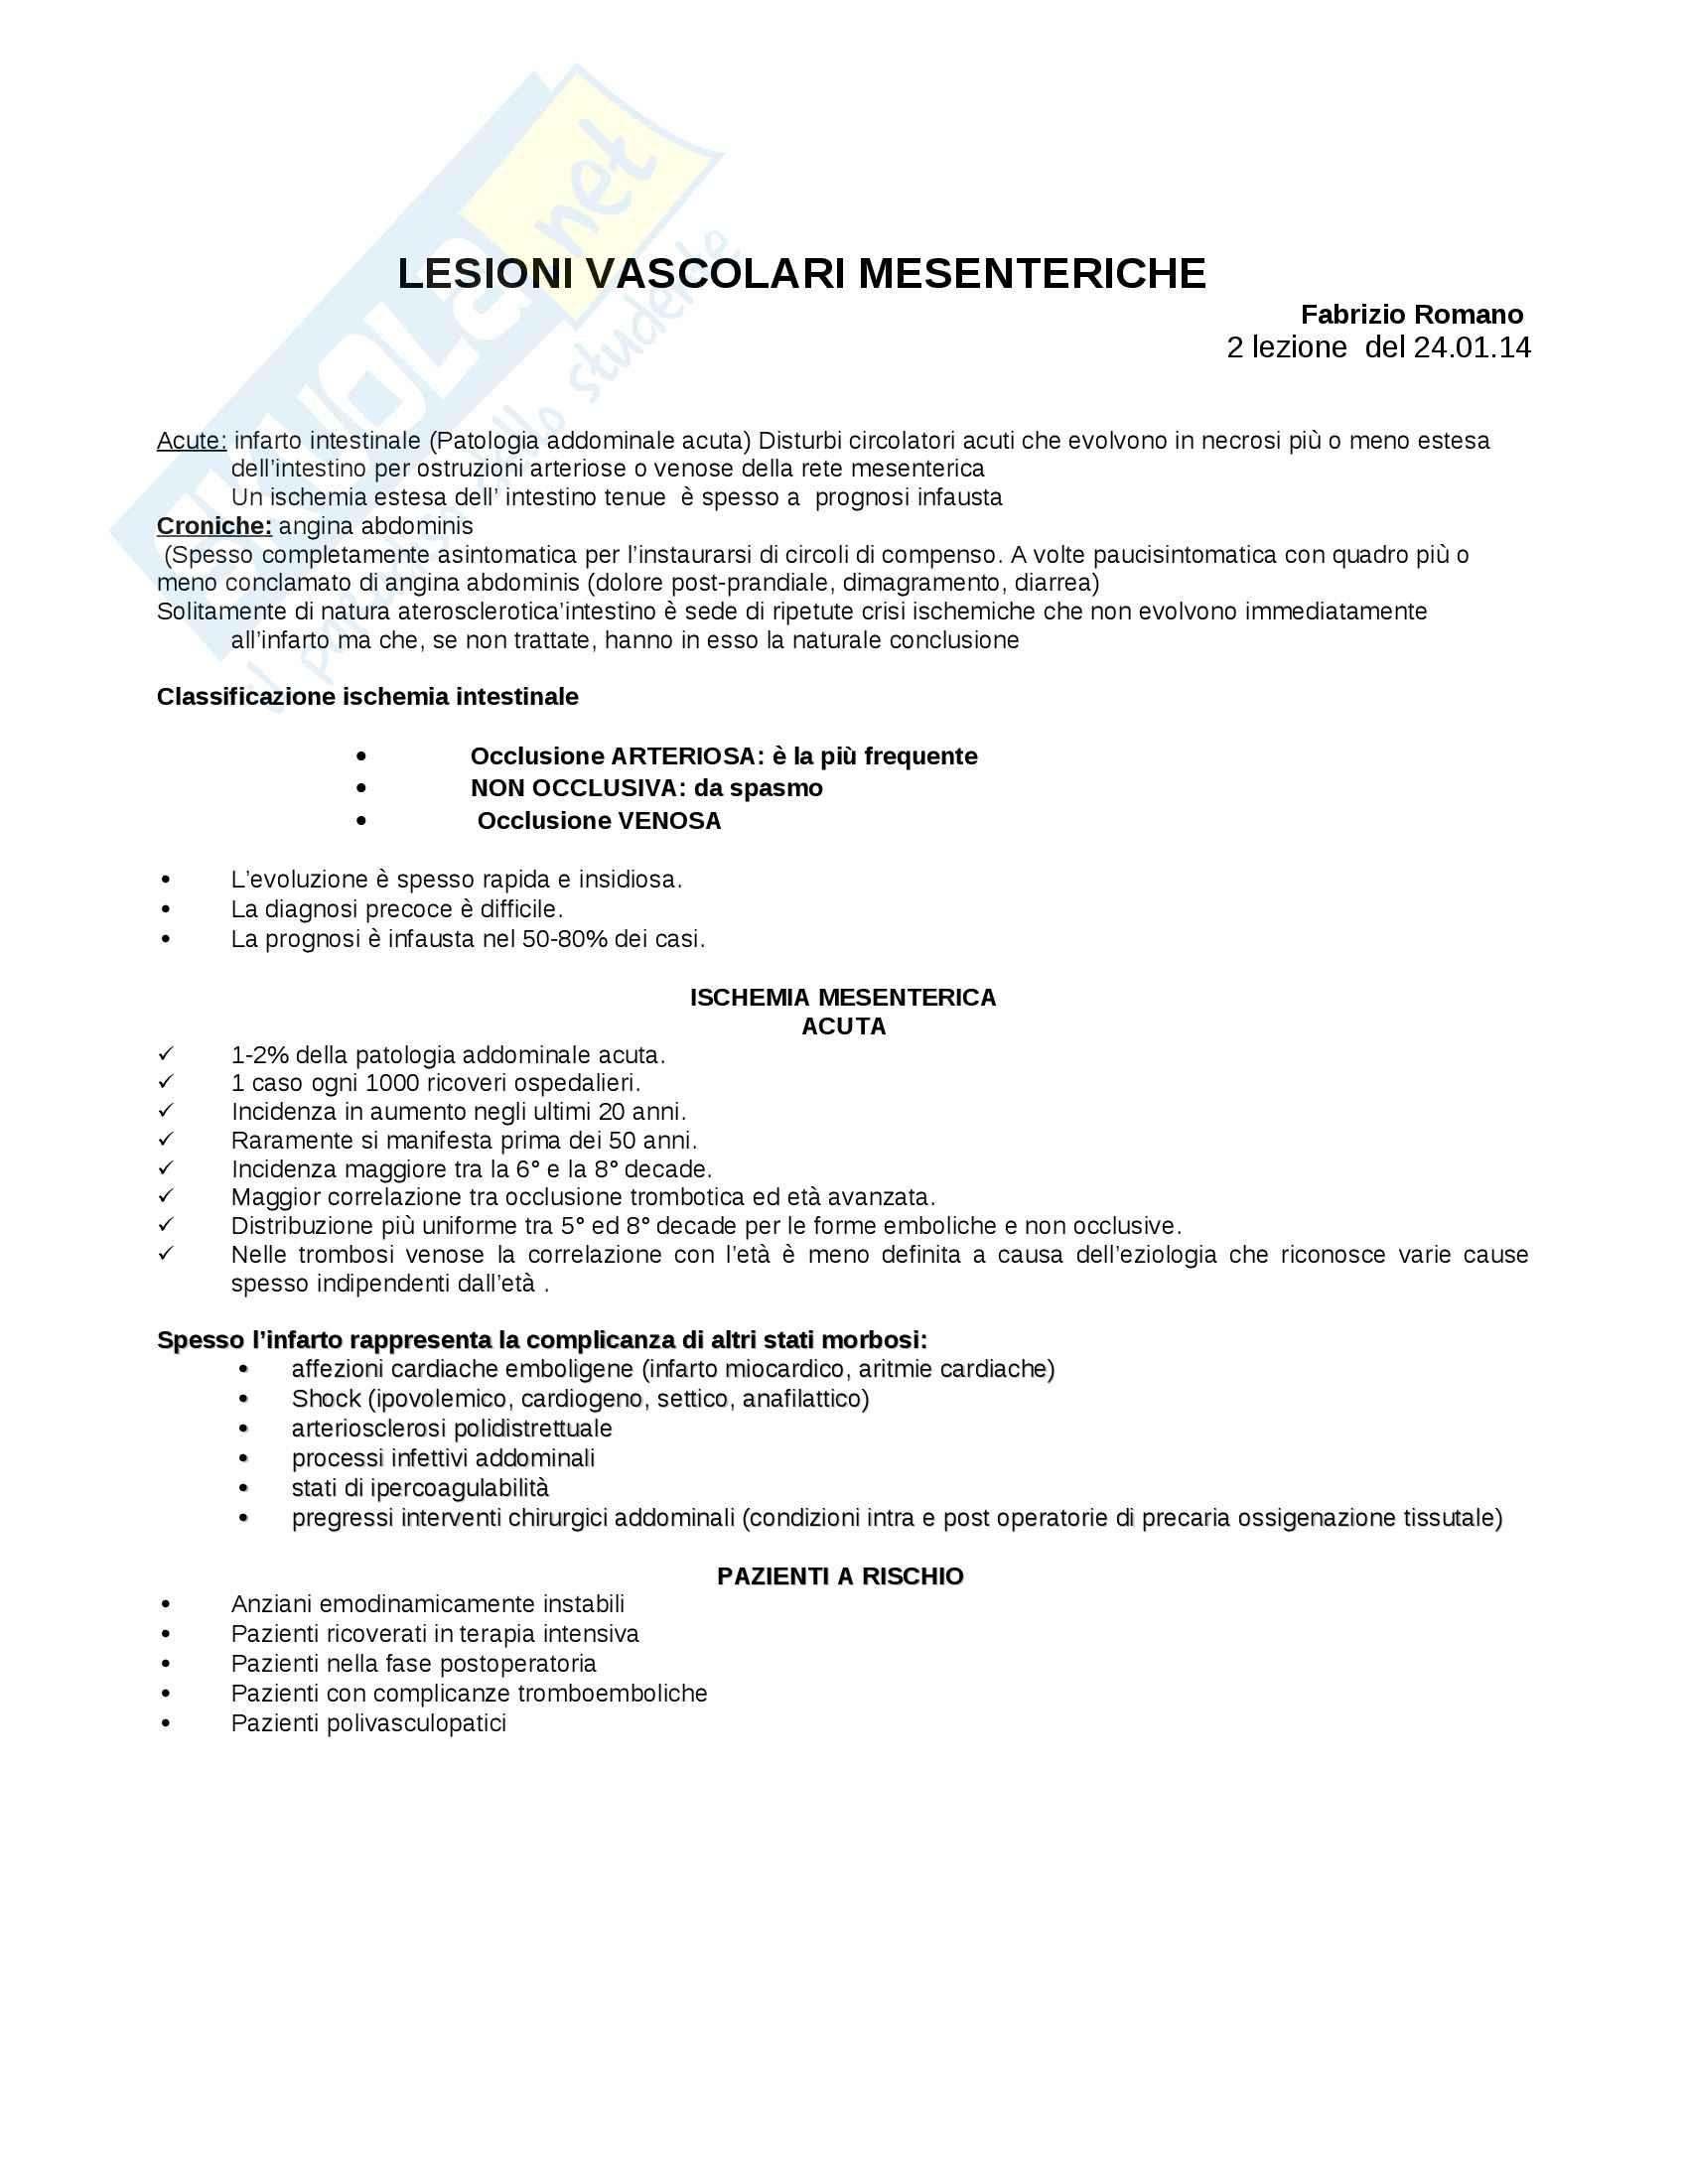 Infarto intestinale, Infermieristica clinica in area critica